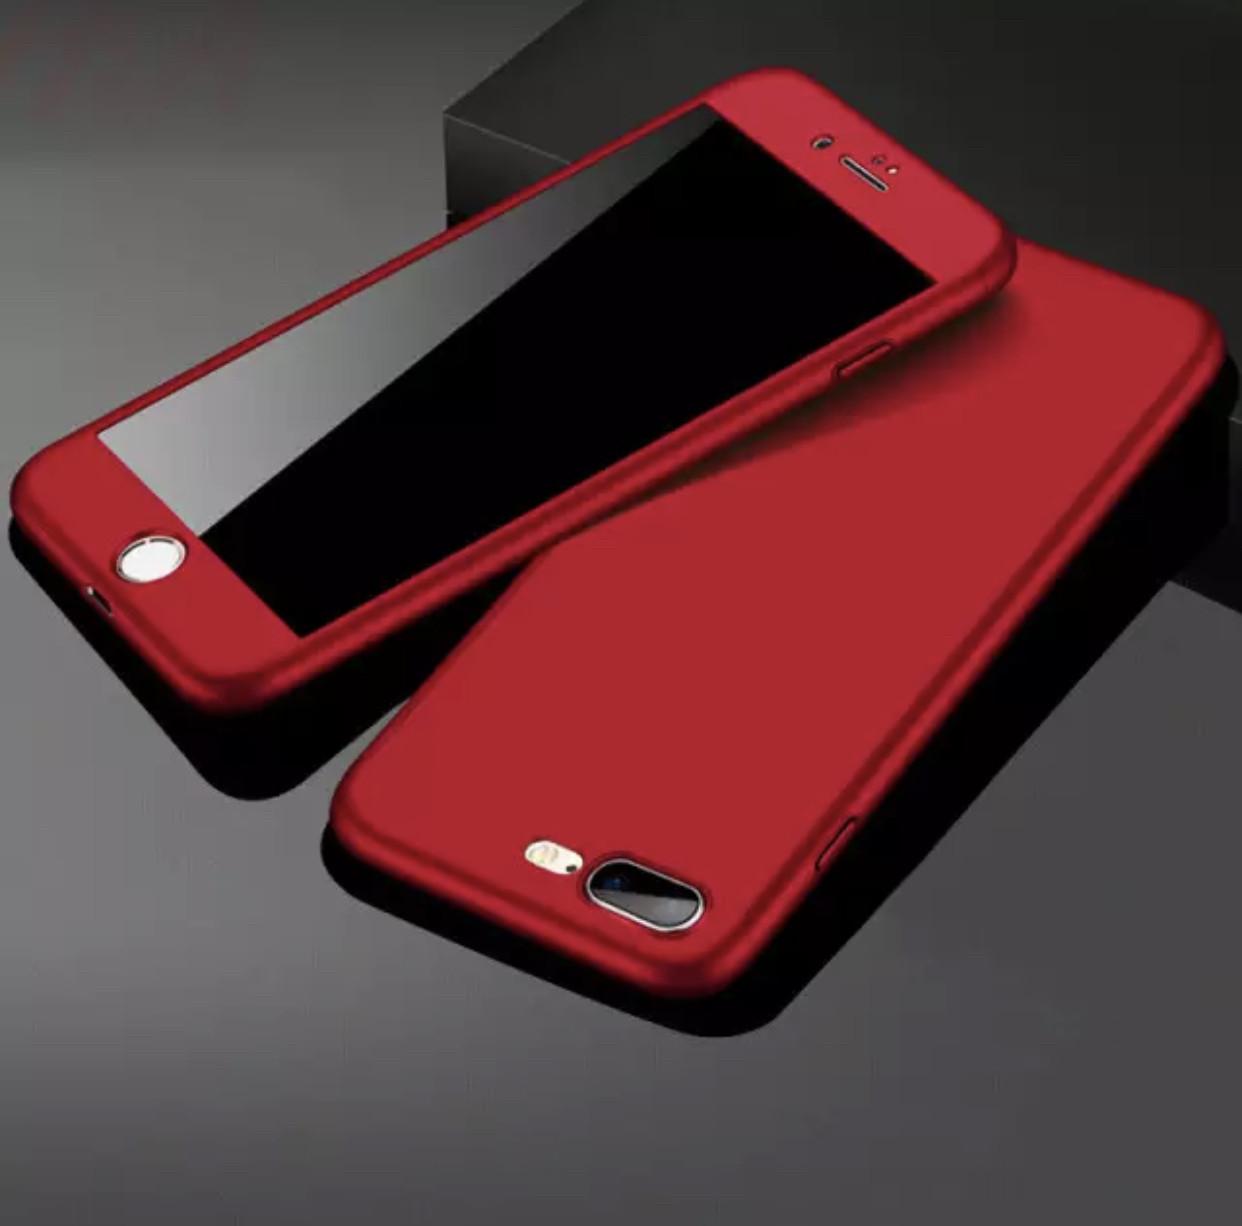 Чехол 360 градусов для Iphone 6/6S  + стекло в подарок, Red